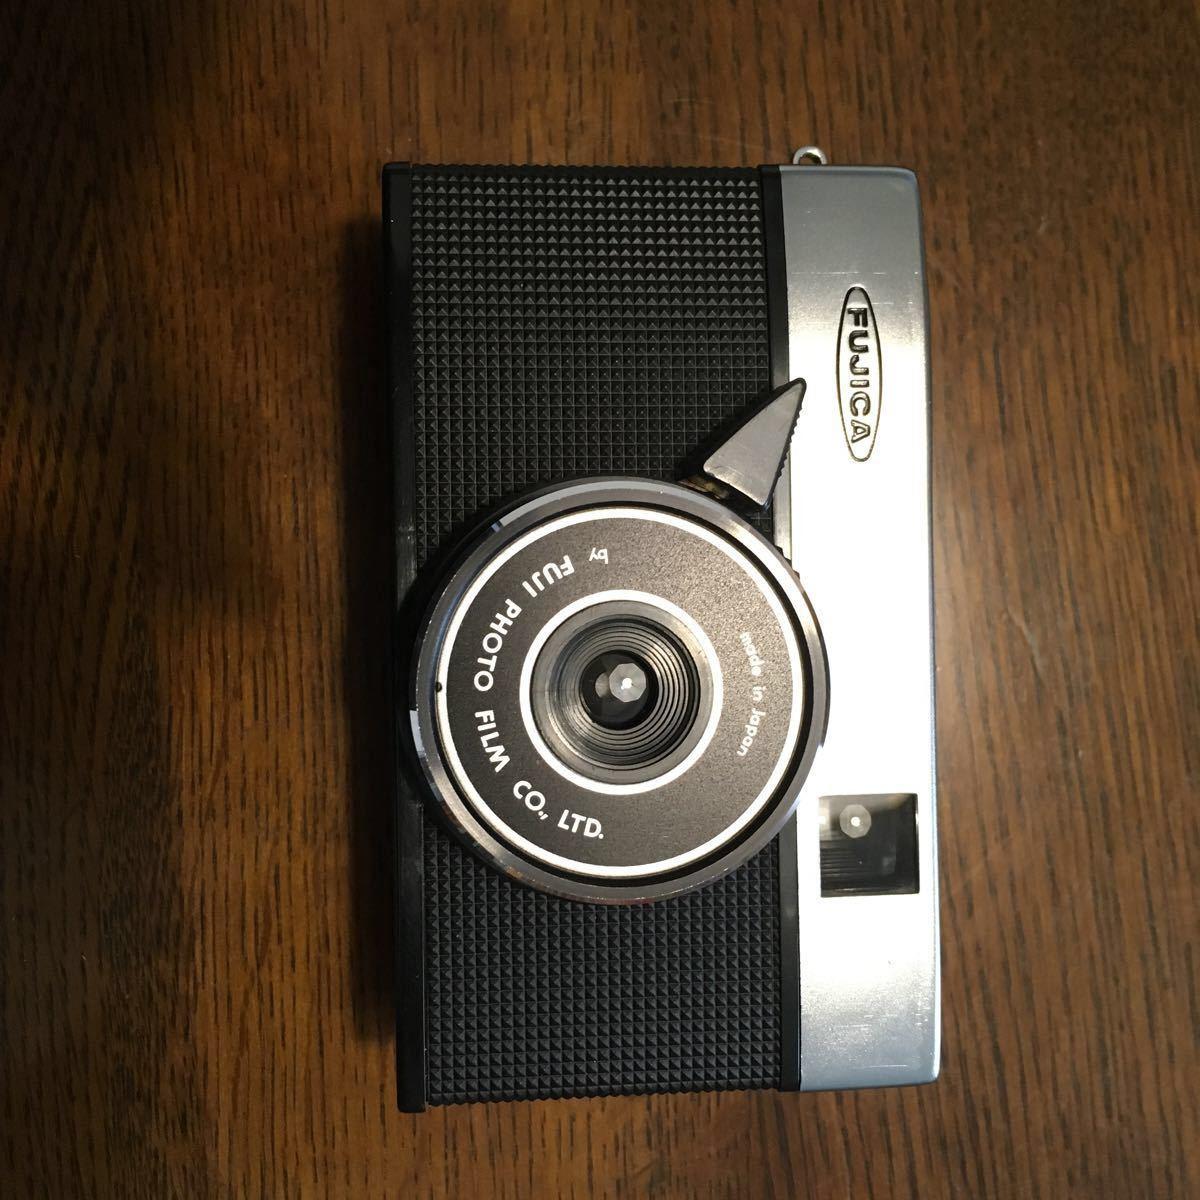 F32 フィルムカメラ FUJICA RAPID S ジャンク 現状渡し 説明書 箱 ケースあり _画像2